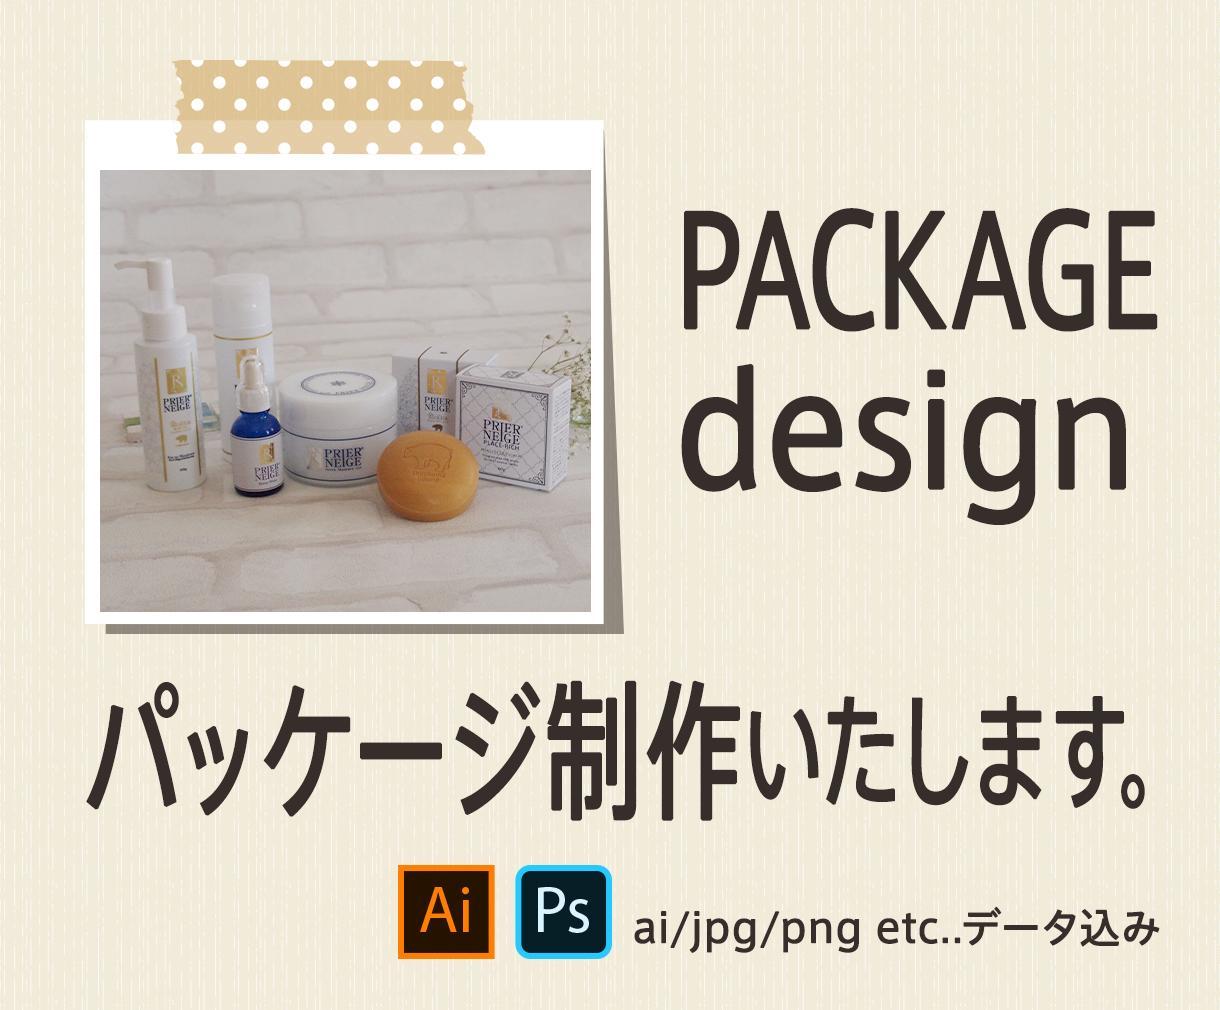 パッケージのデザインいたします 商品パッケージのデザイン制作をいたします。 イメージ1